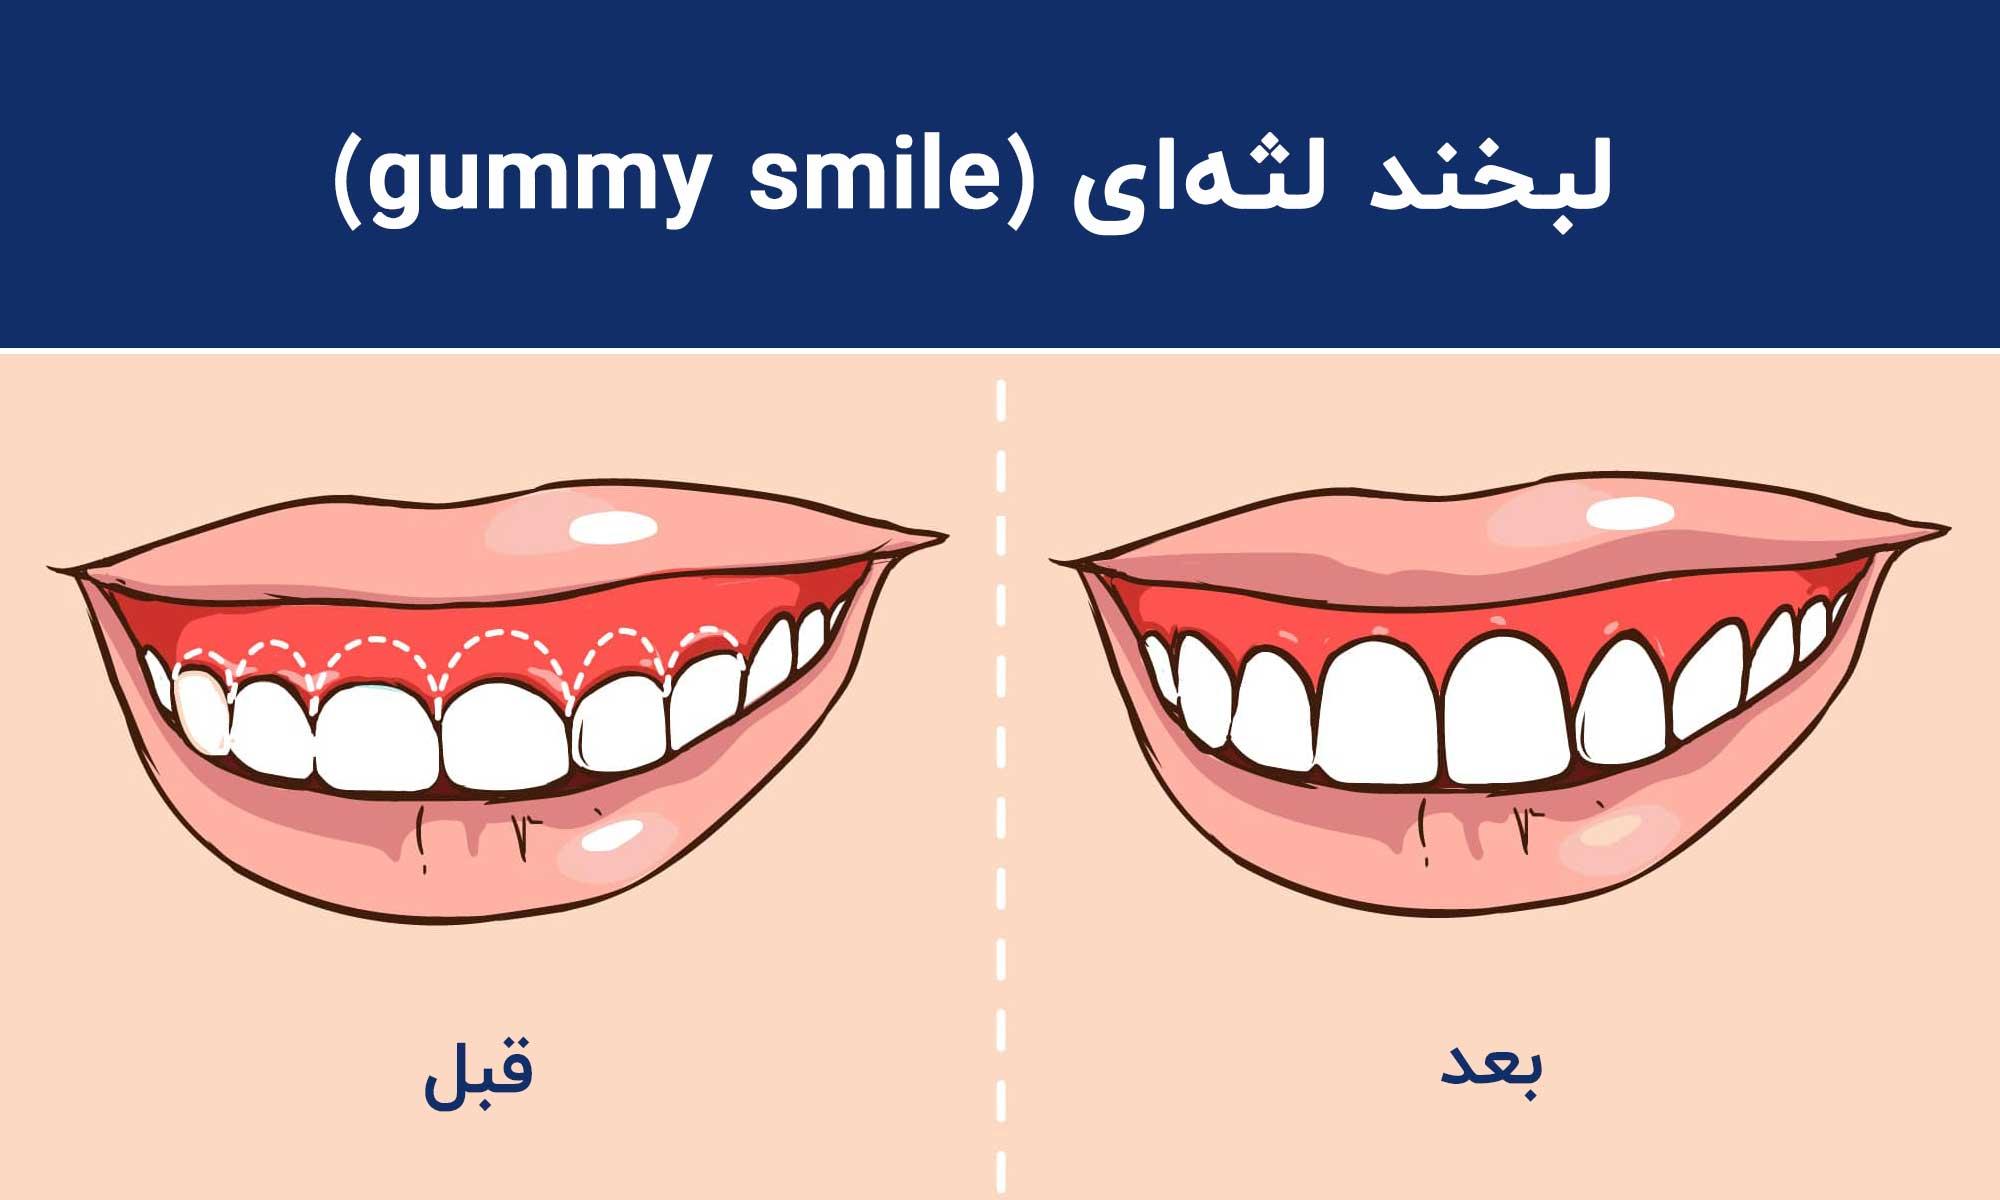 لبخند لثهای (gummy smile)